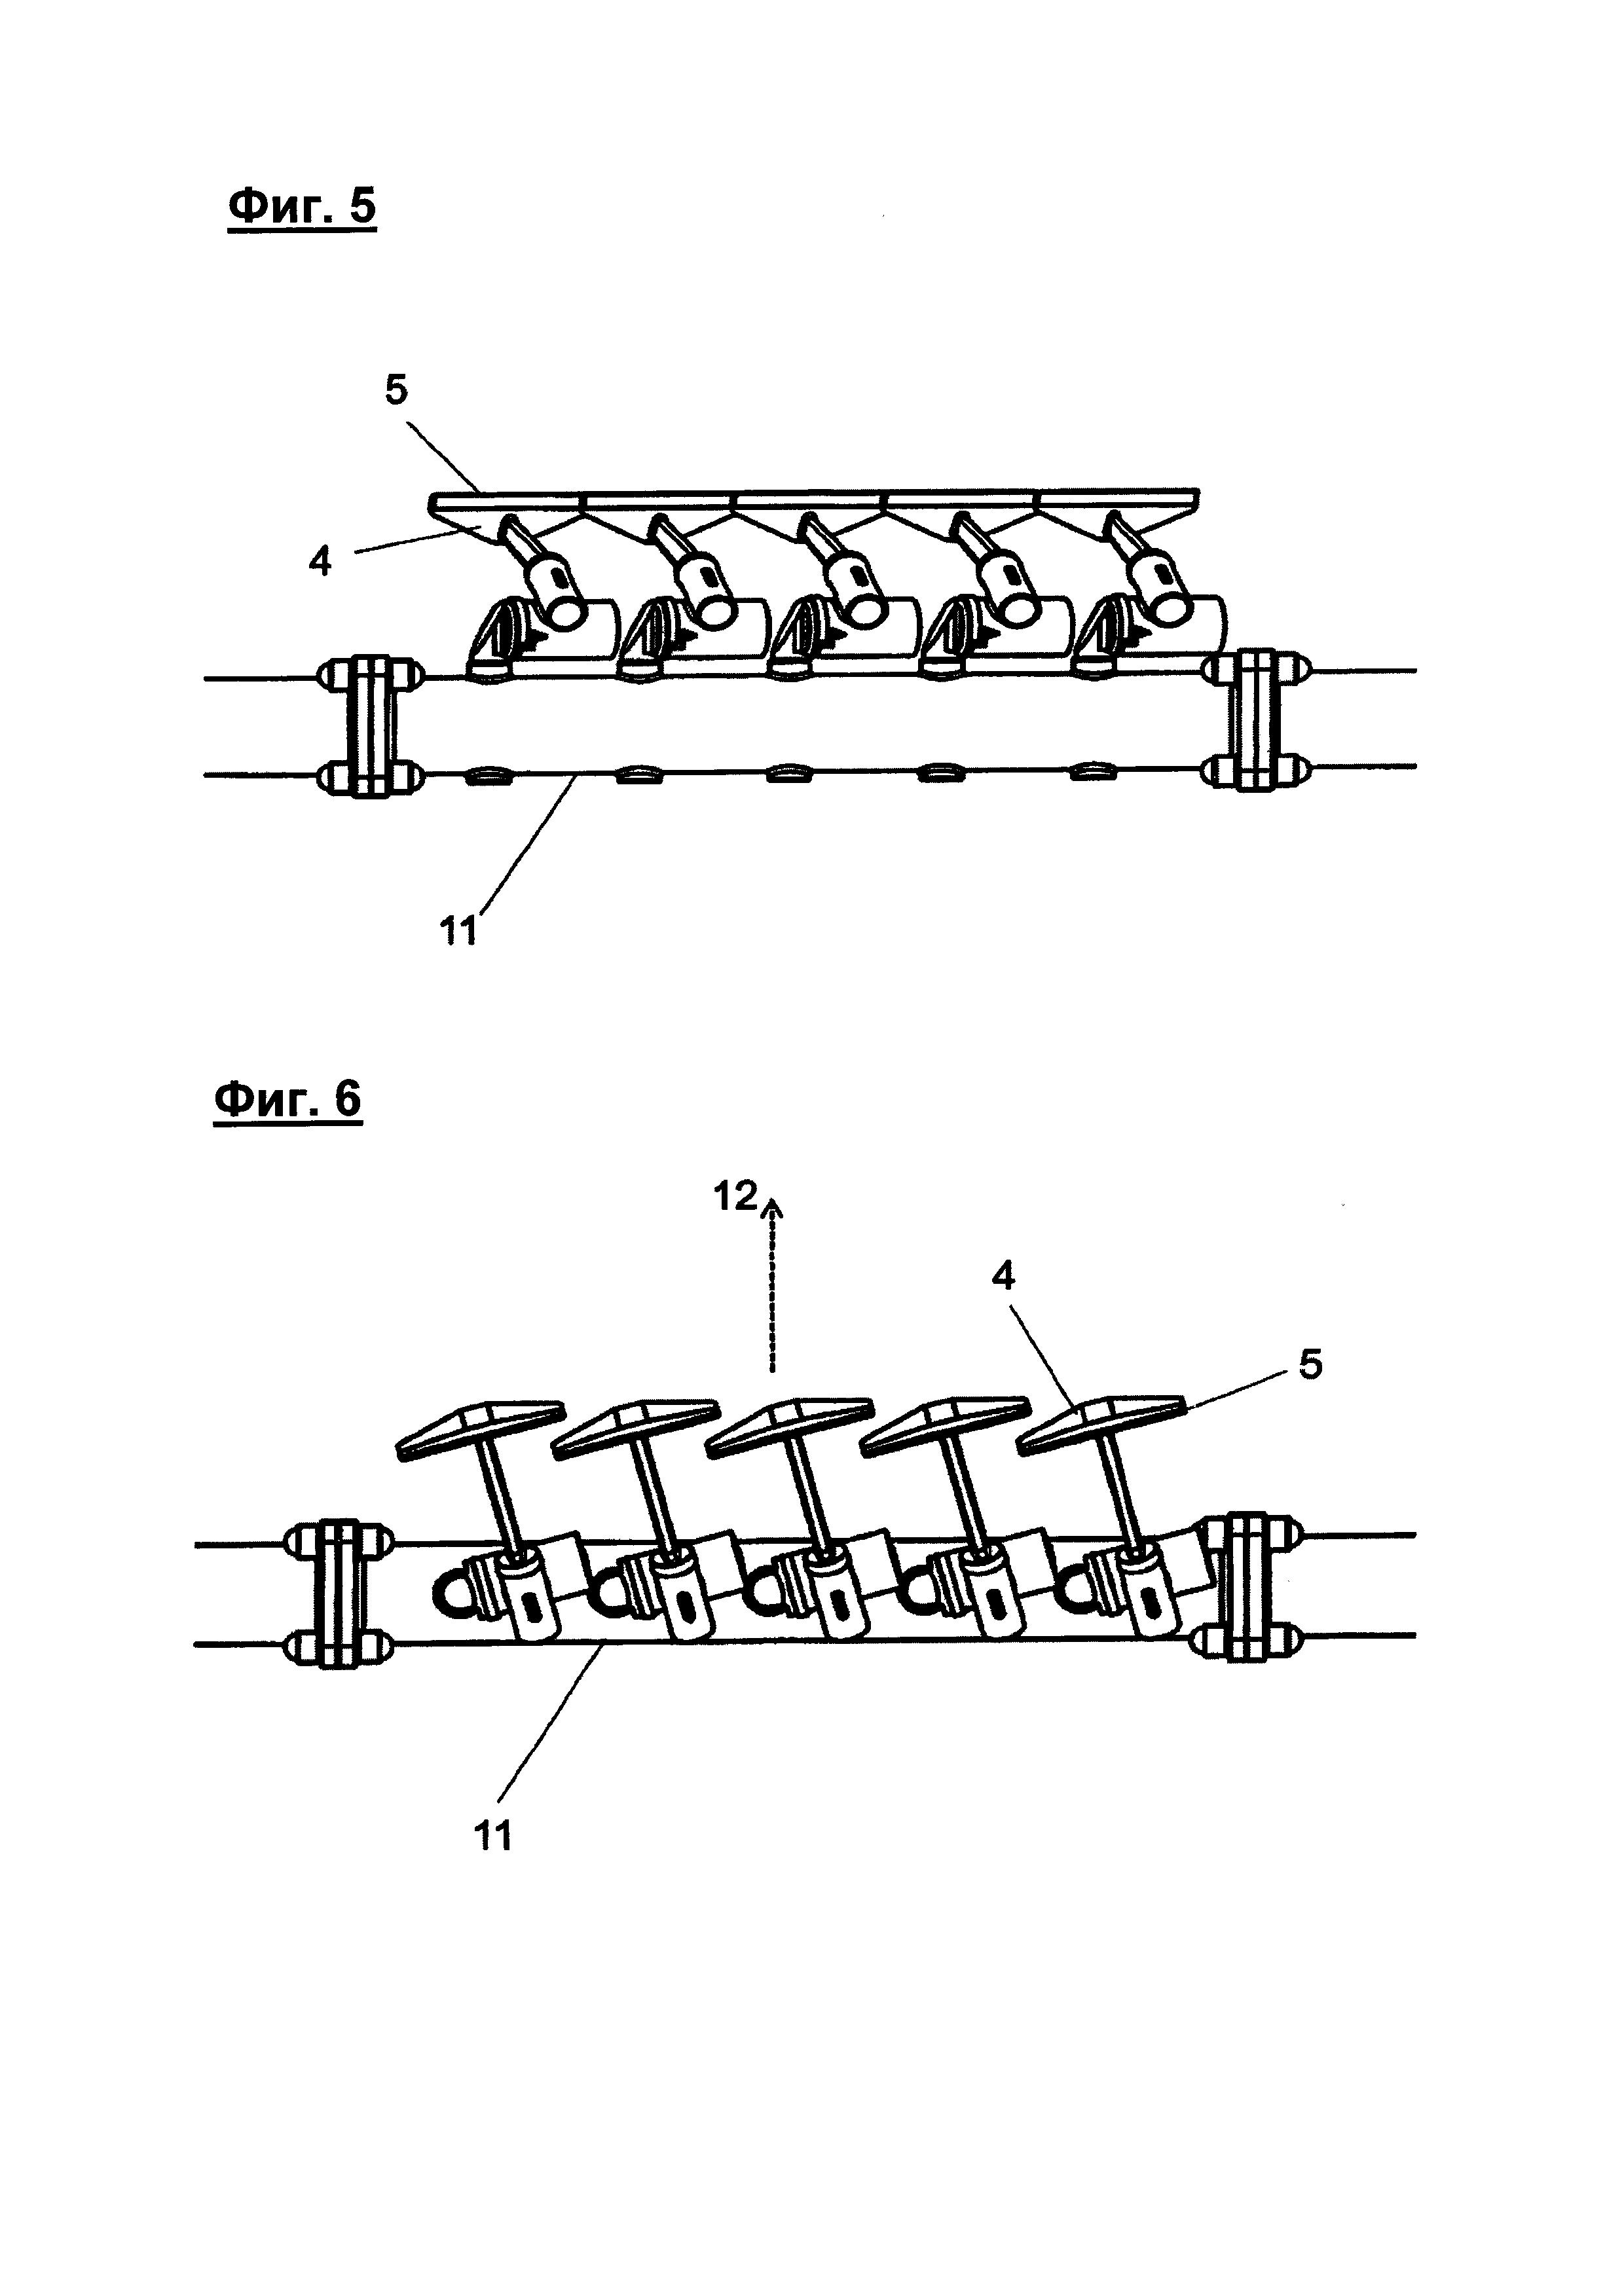 Скребки для ленточных конвейеров чертежи предохранители и реле т4 транспортер